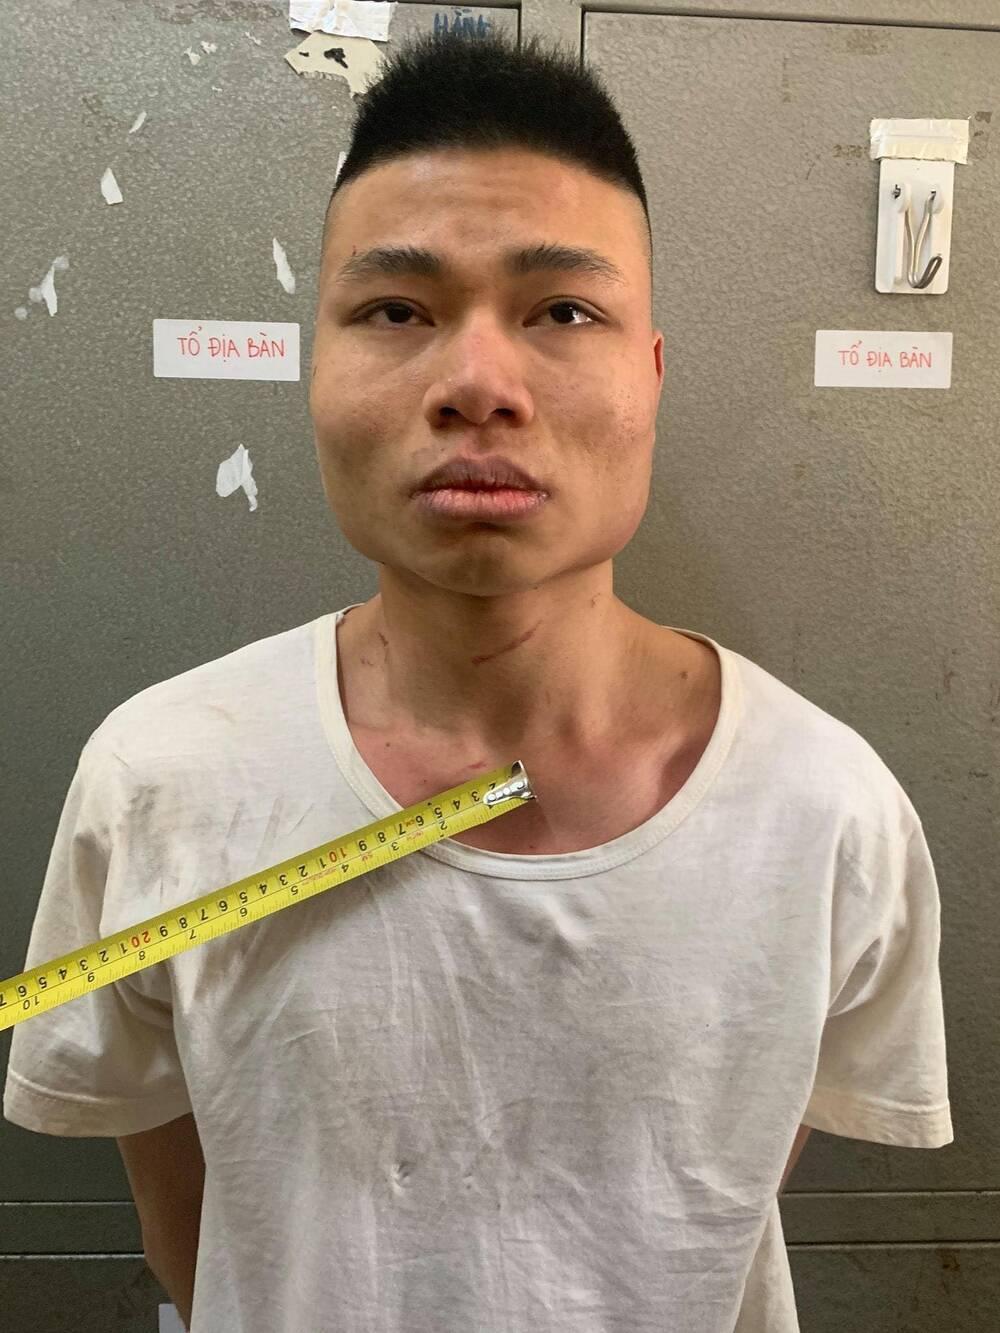 Bắt kẻ hiếp dâm cô gái trẻ trong thang bộ chung cư ở Hà Nội